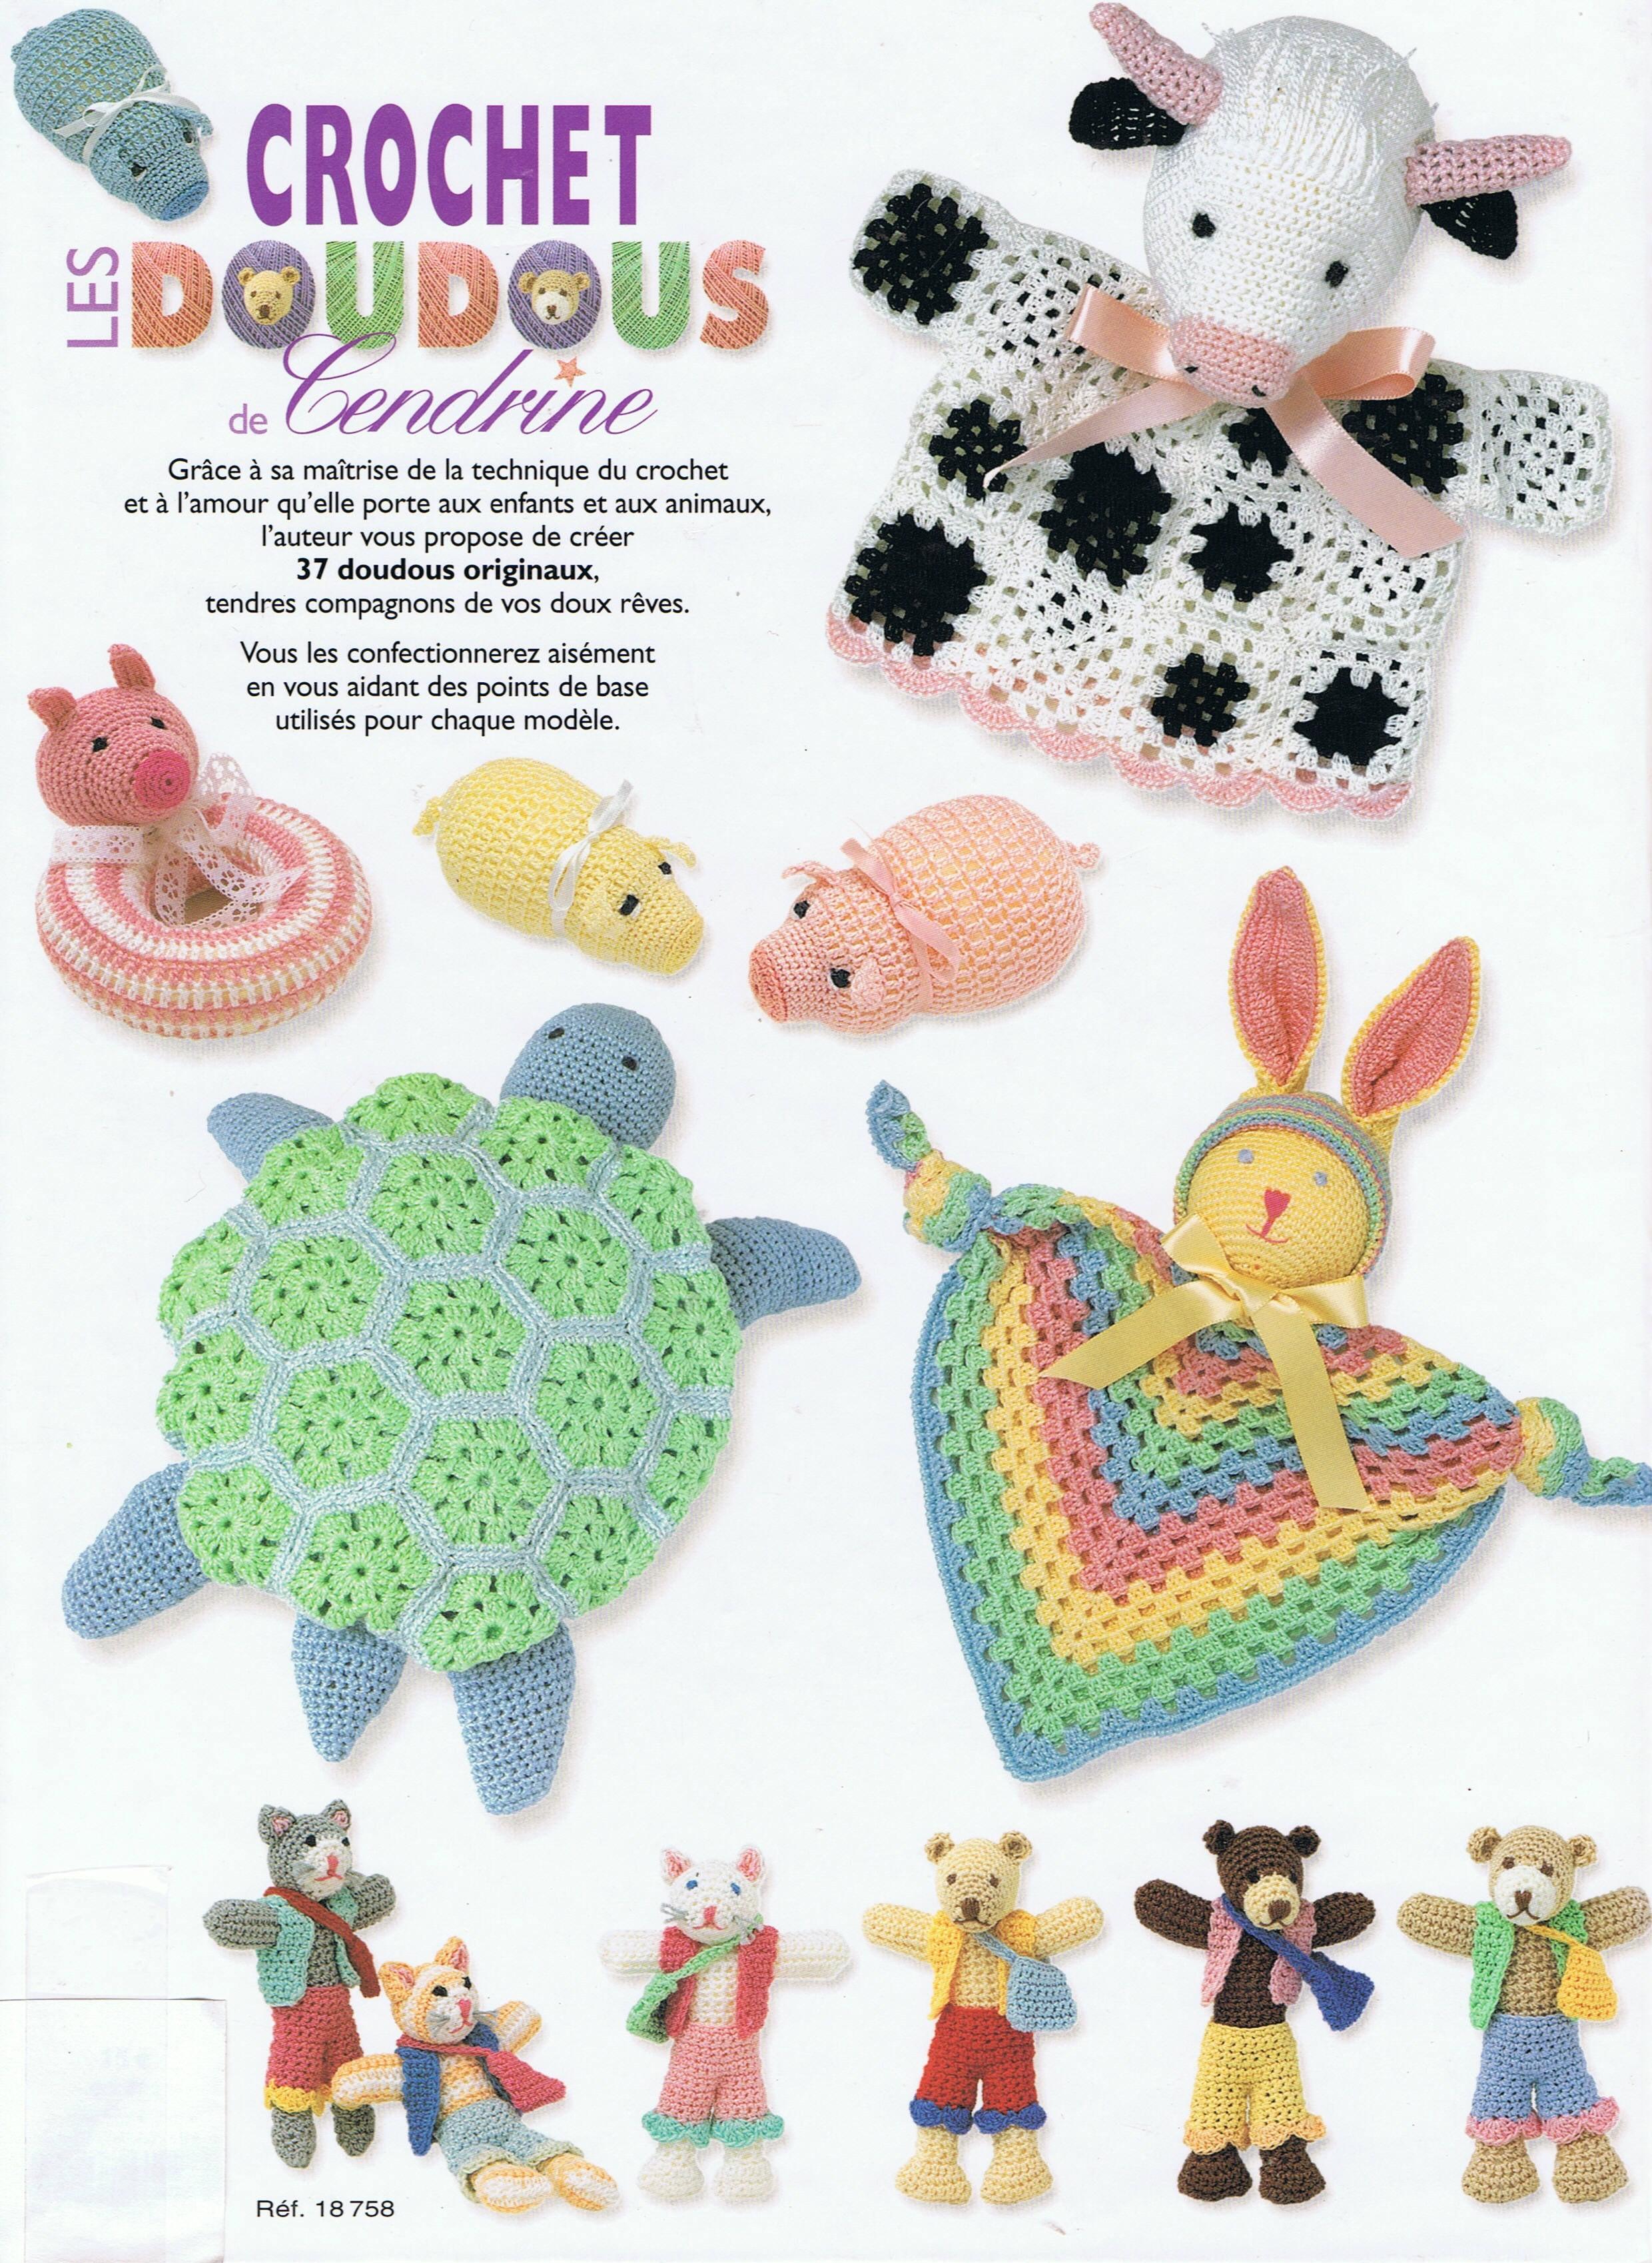 Télécharger Livre Crochetles Doudous De Cendrine Volume1